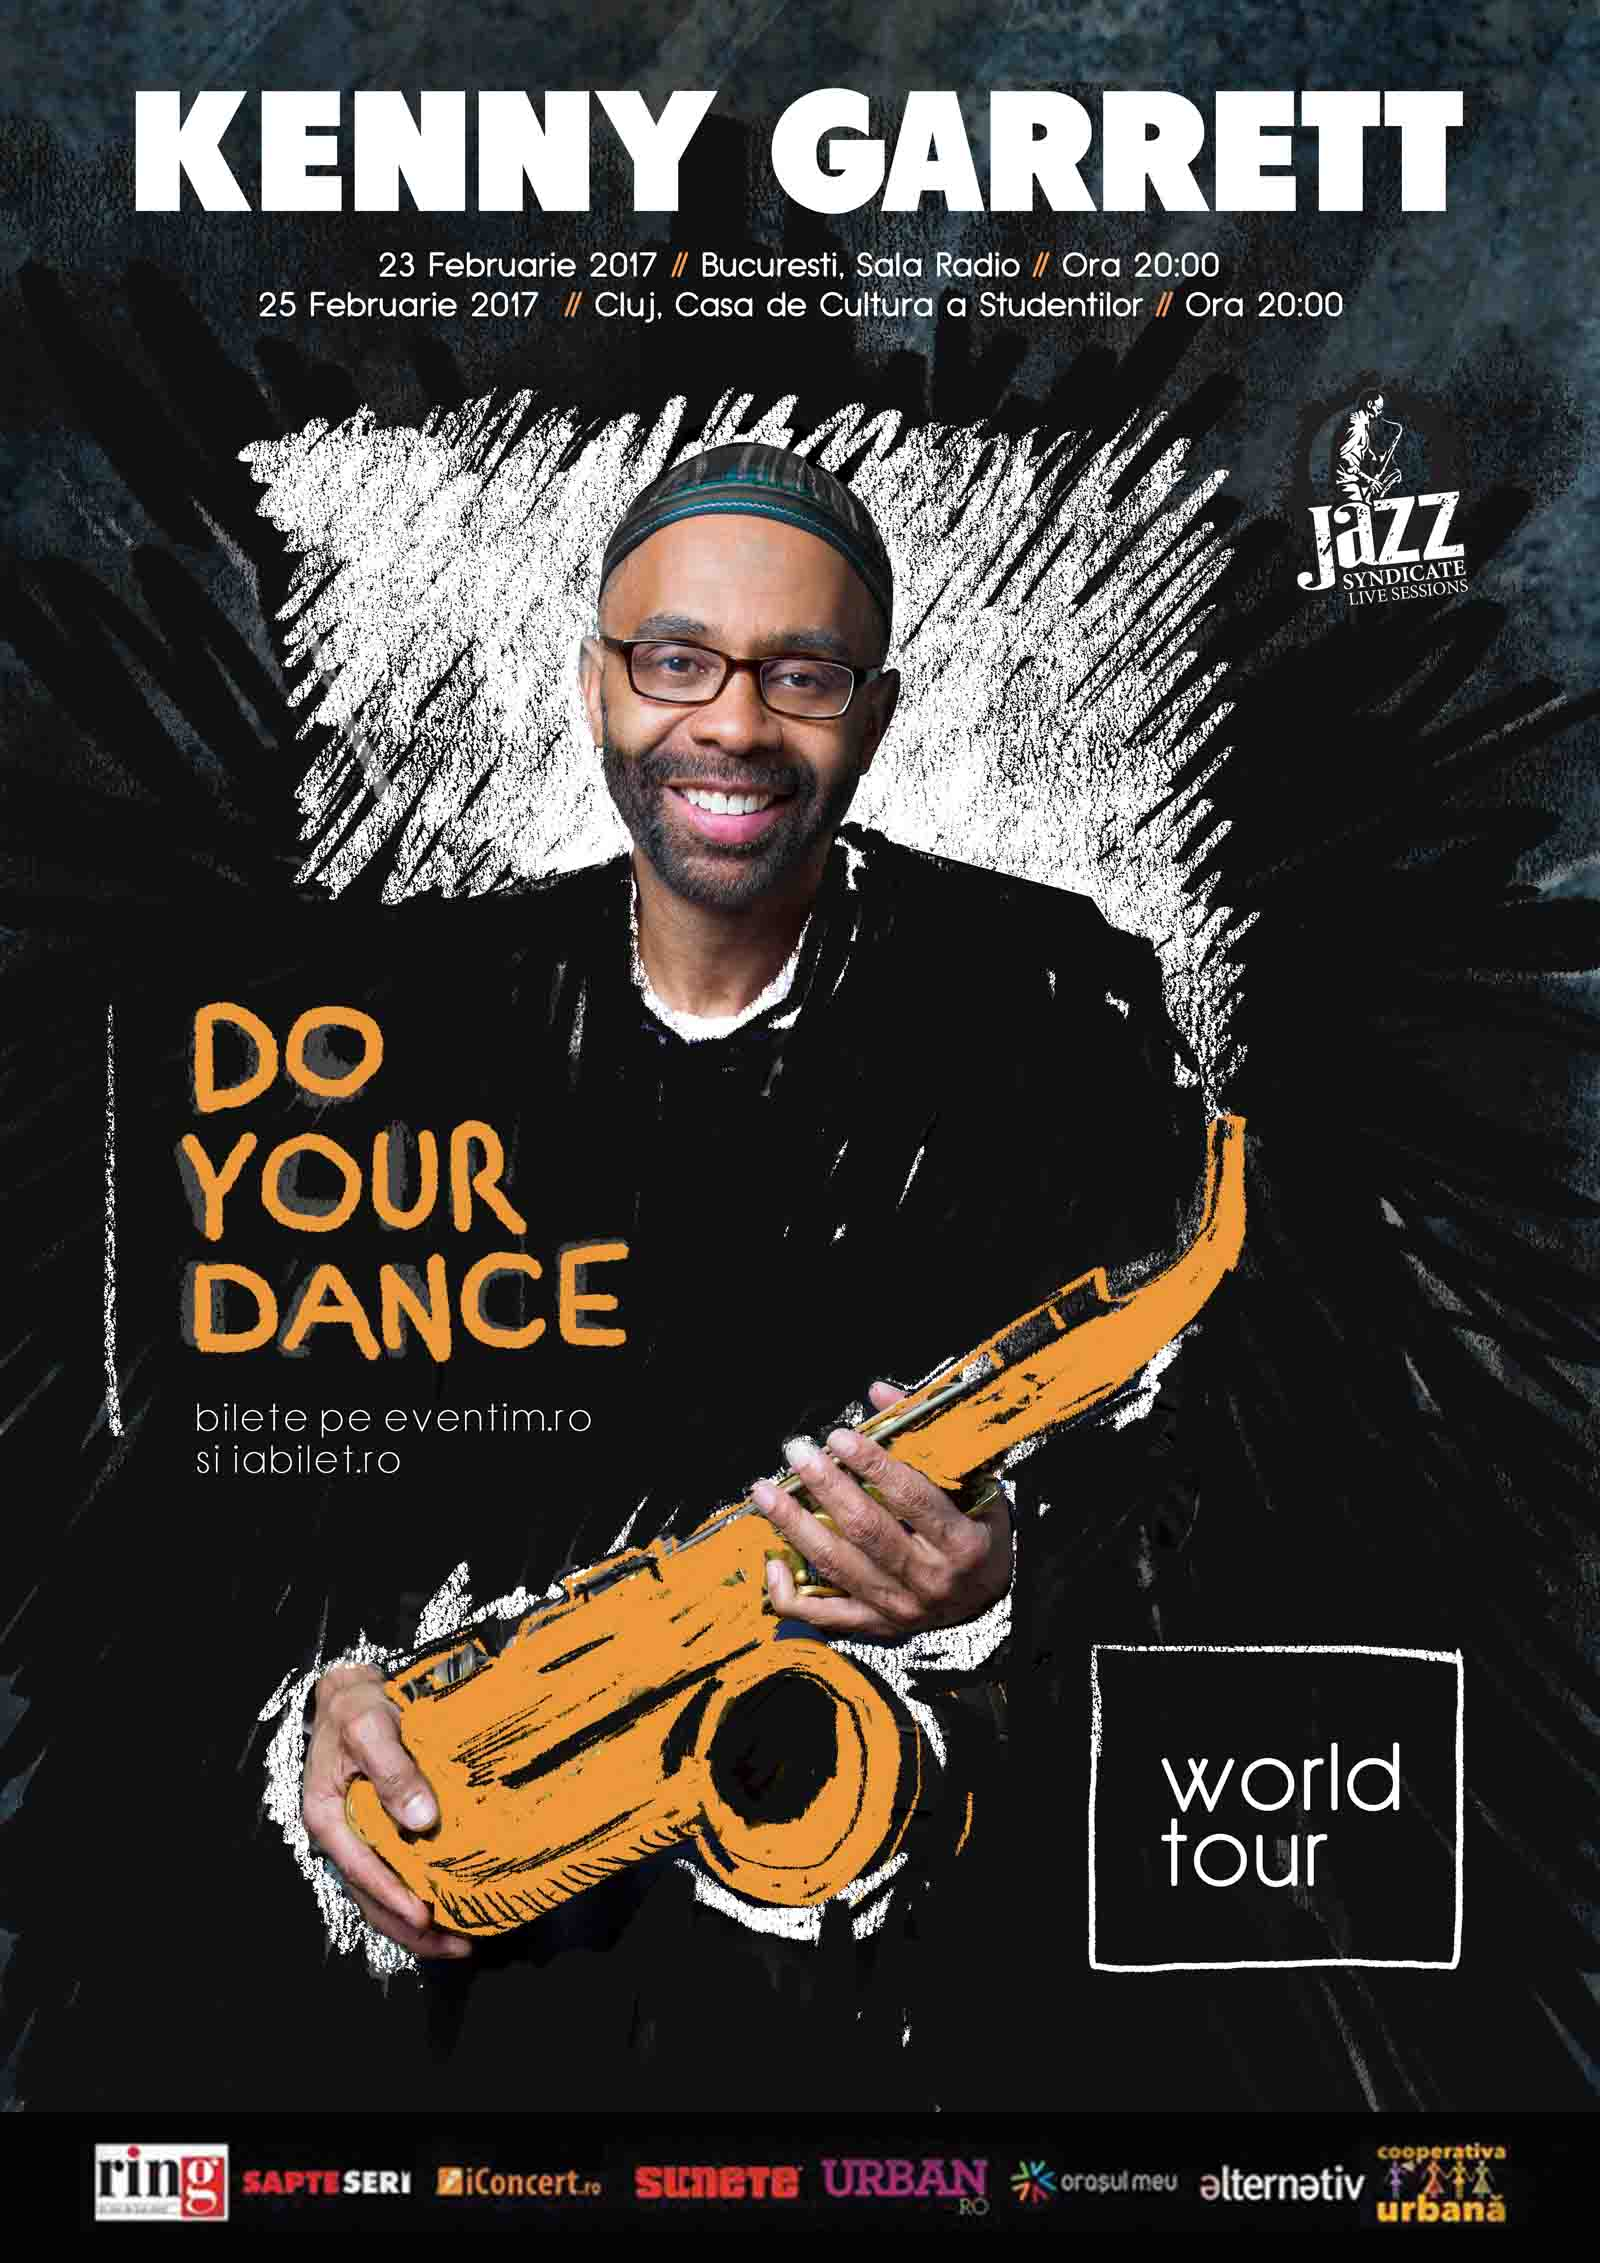 Legendarul saxofonist american Kenny Garrett revine la Cluj-Napoca, intr-un concert de vis la Casa de Cultura a Studentilor